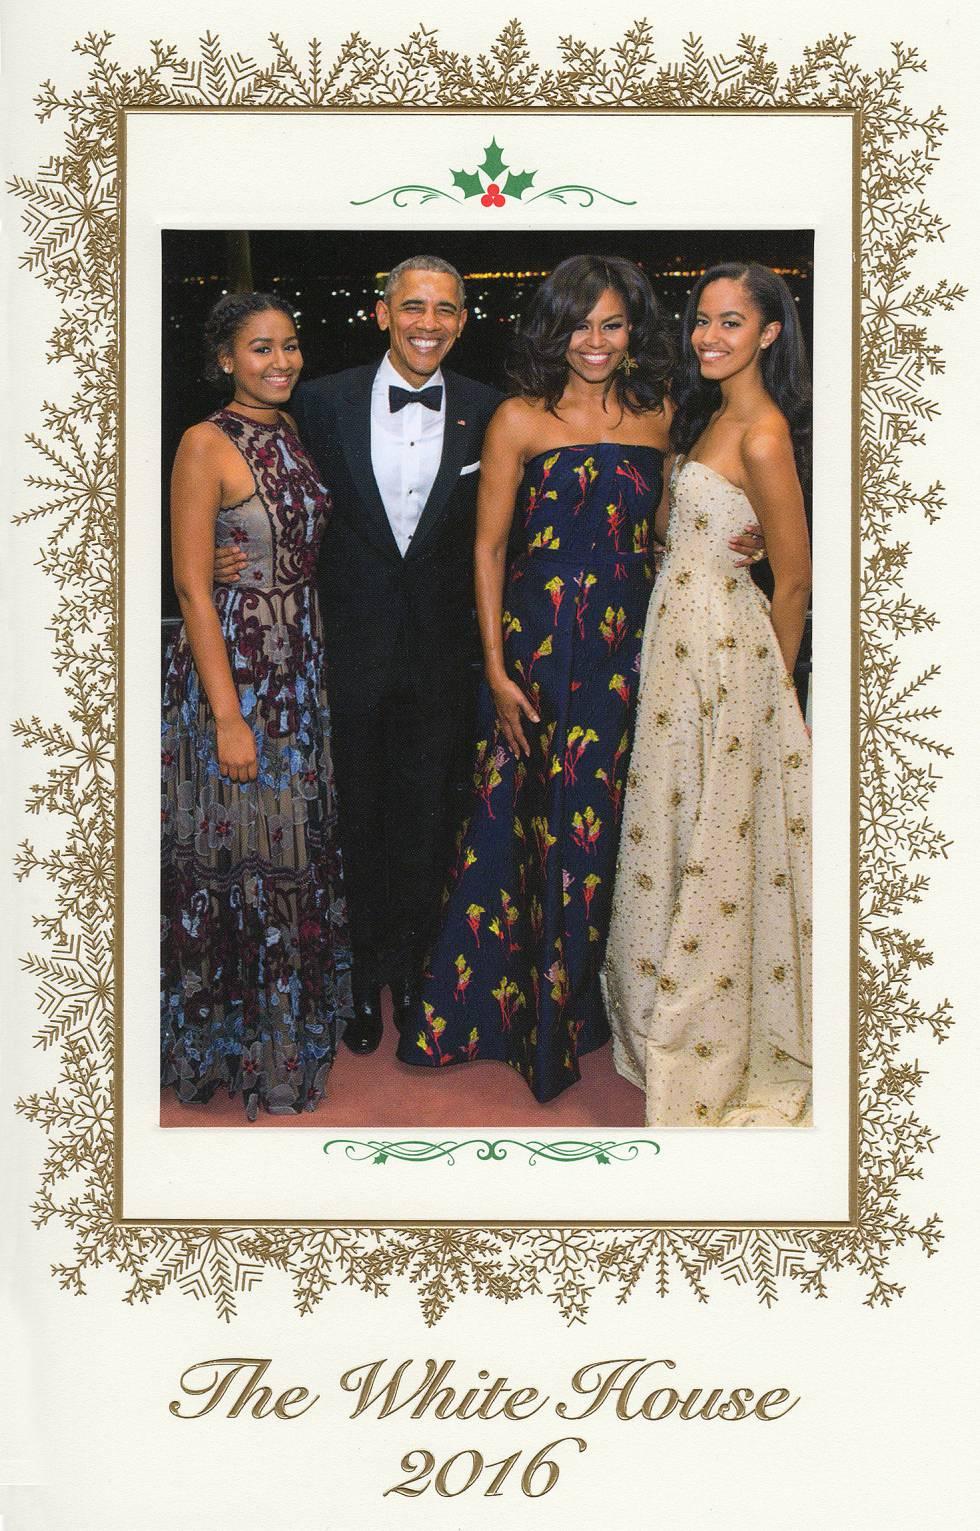 Malia y Sasha Obama brillan en la última postal navideña en la Casa Blanca